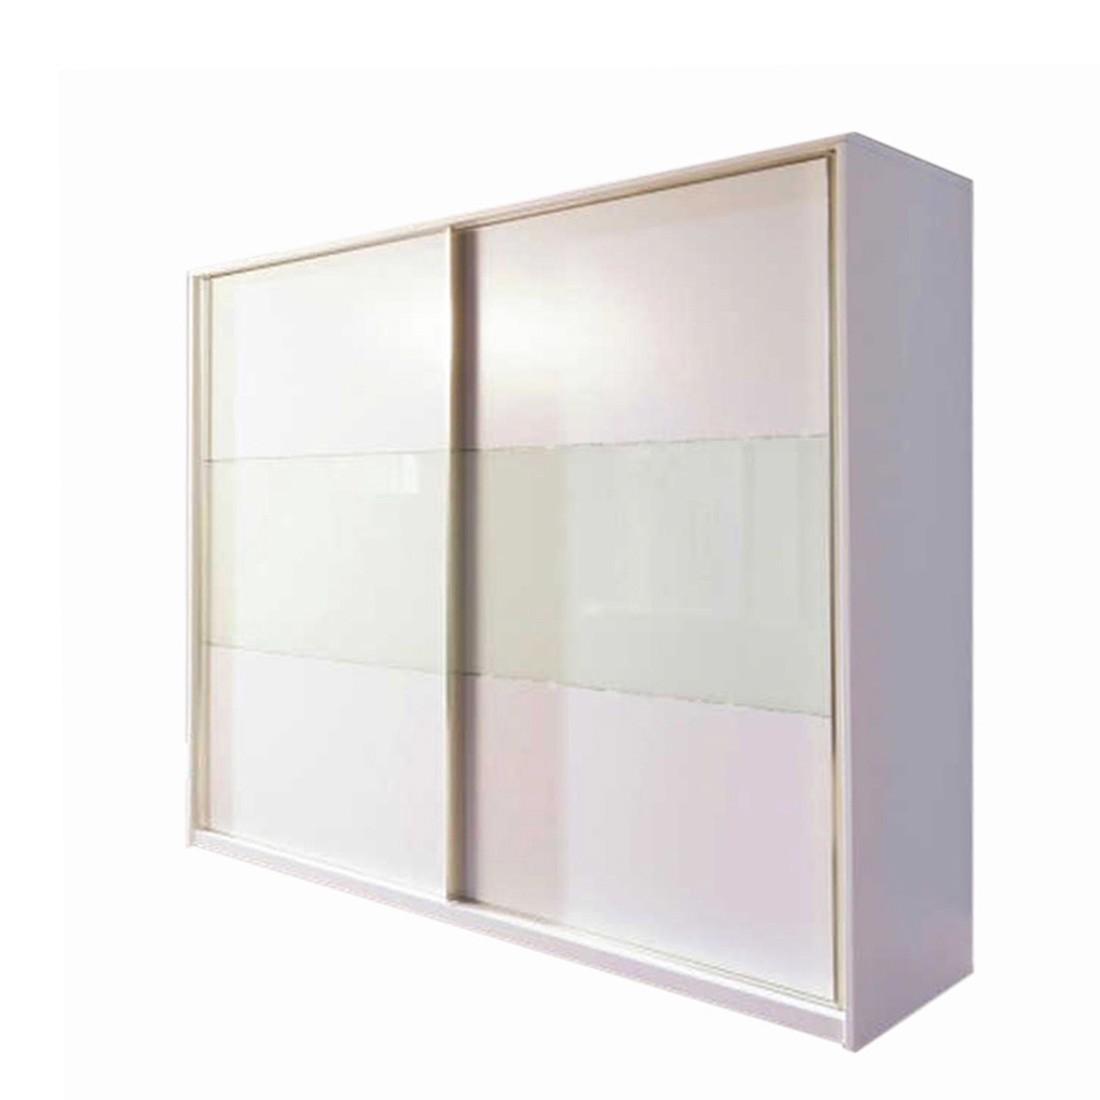 Kommode Starlight – mit Swarovski Elementen und Schwebetüren – Klein, Glaseinsatz oben, Nolte Delbrück online bestellen